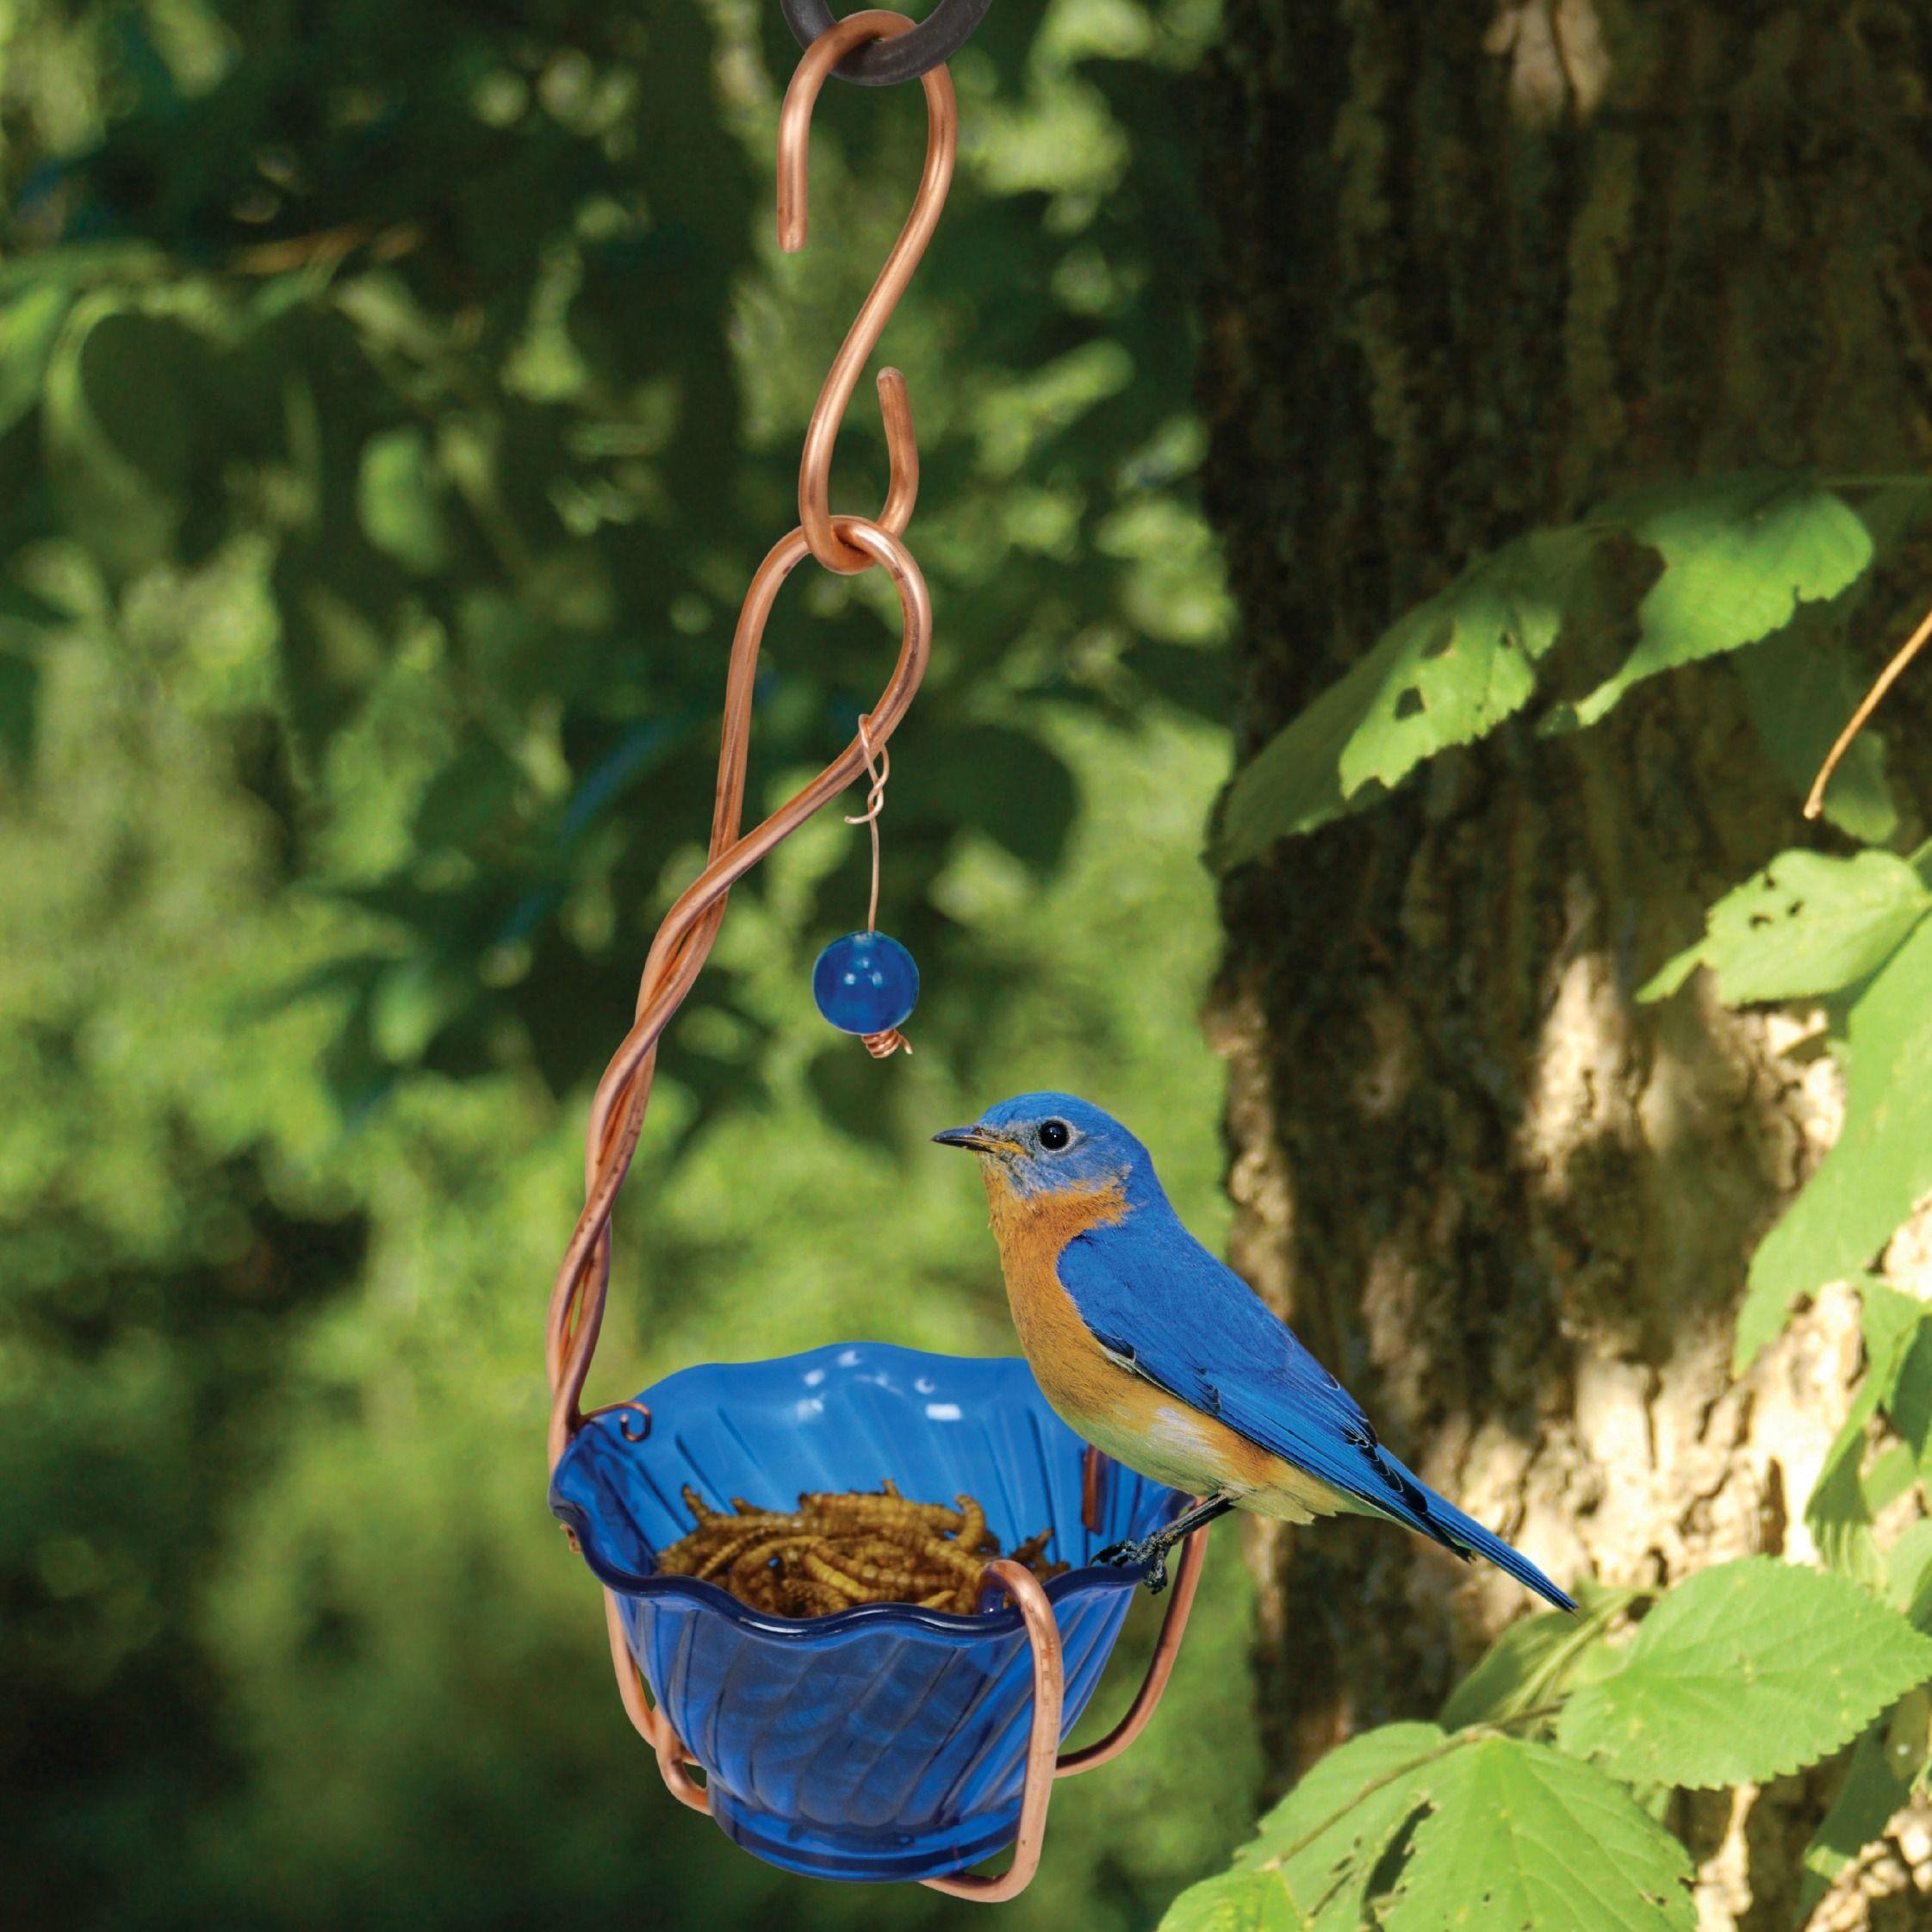 Jelly or meal worm feeder bird houses bird feeders